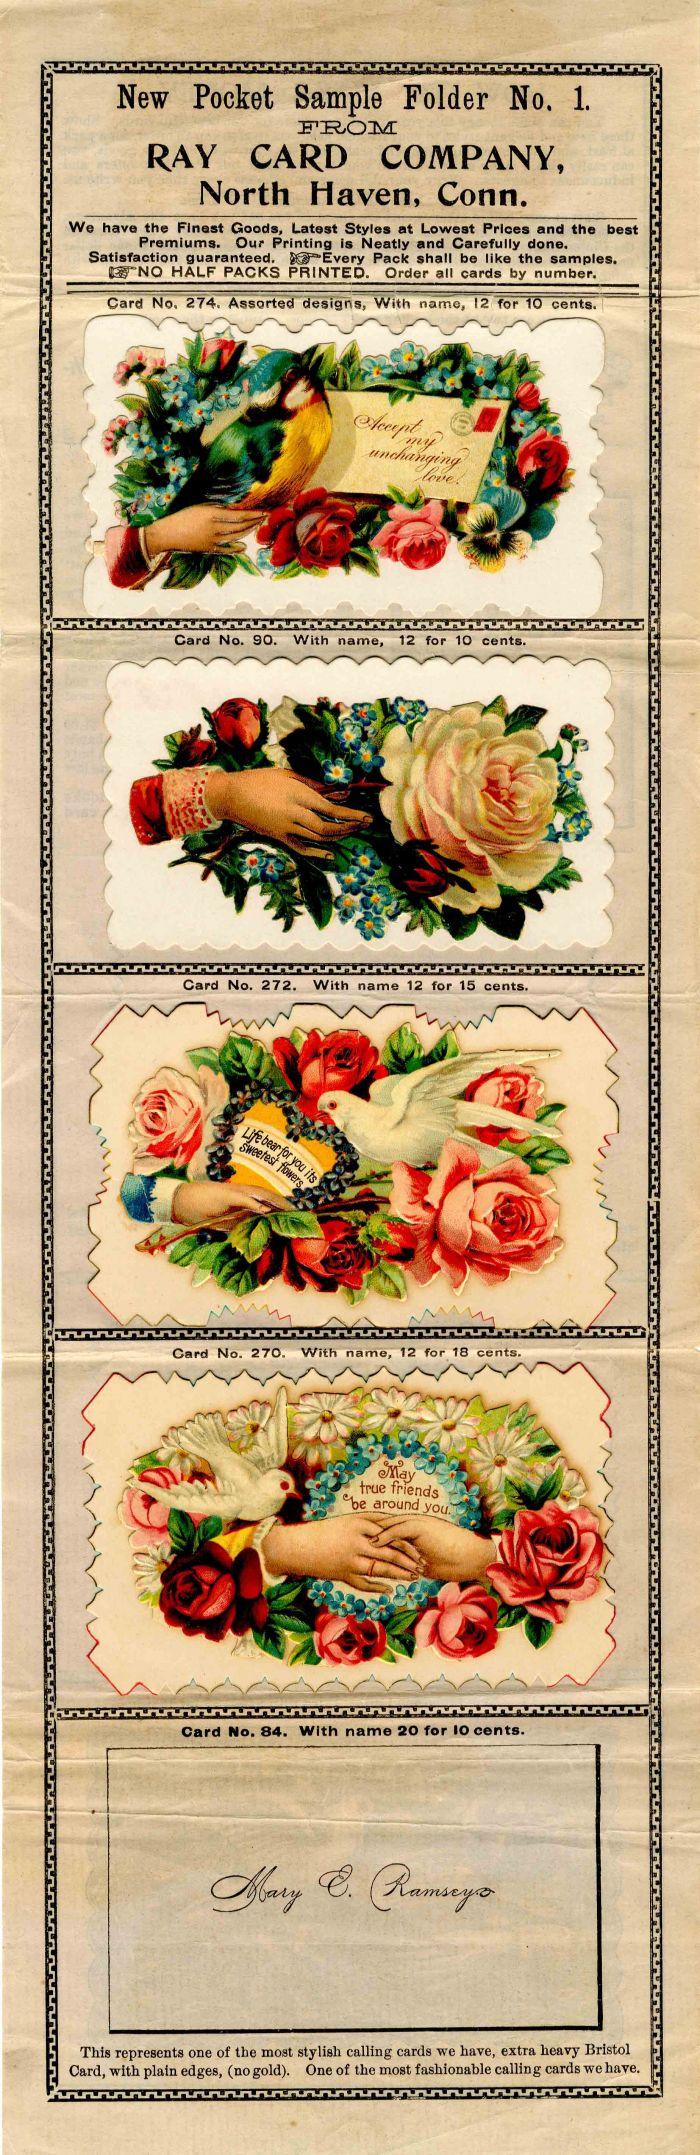 Ray Card Company Sample Sheet